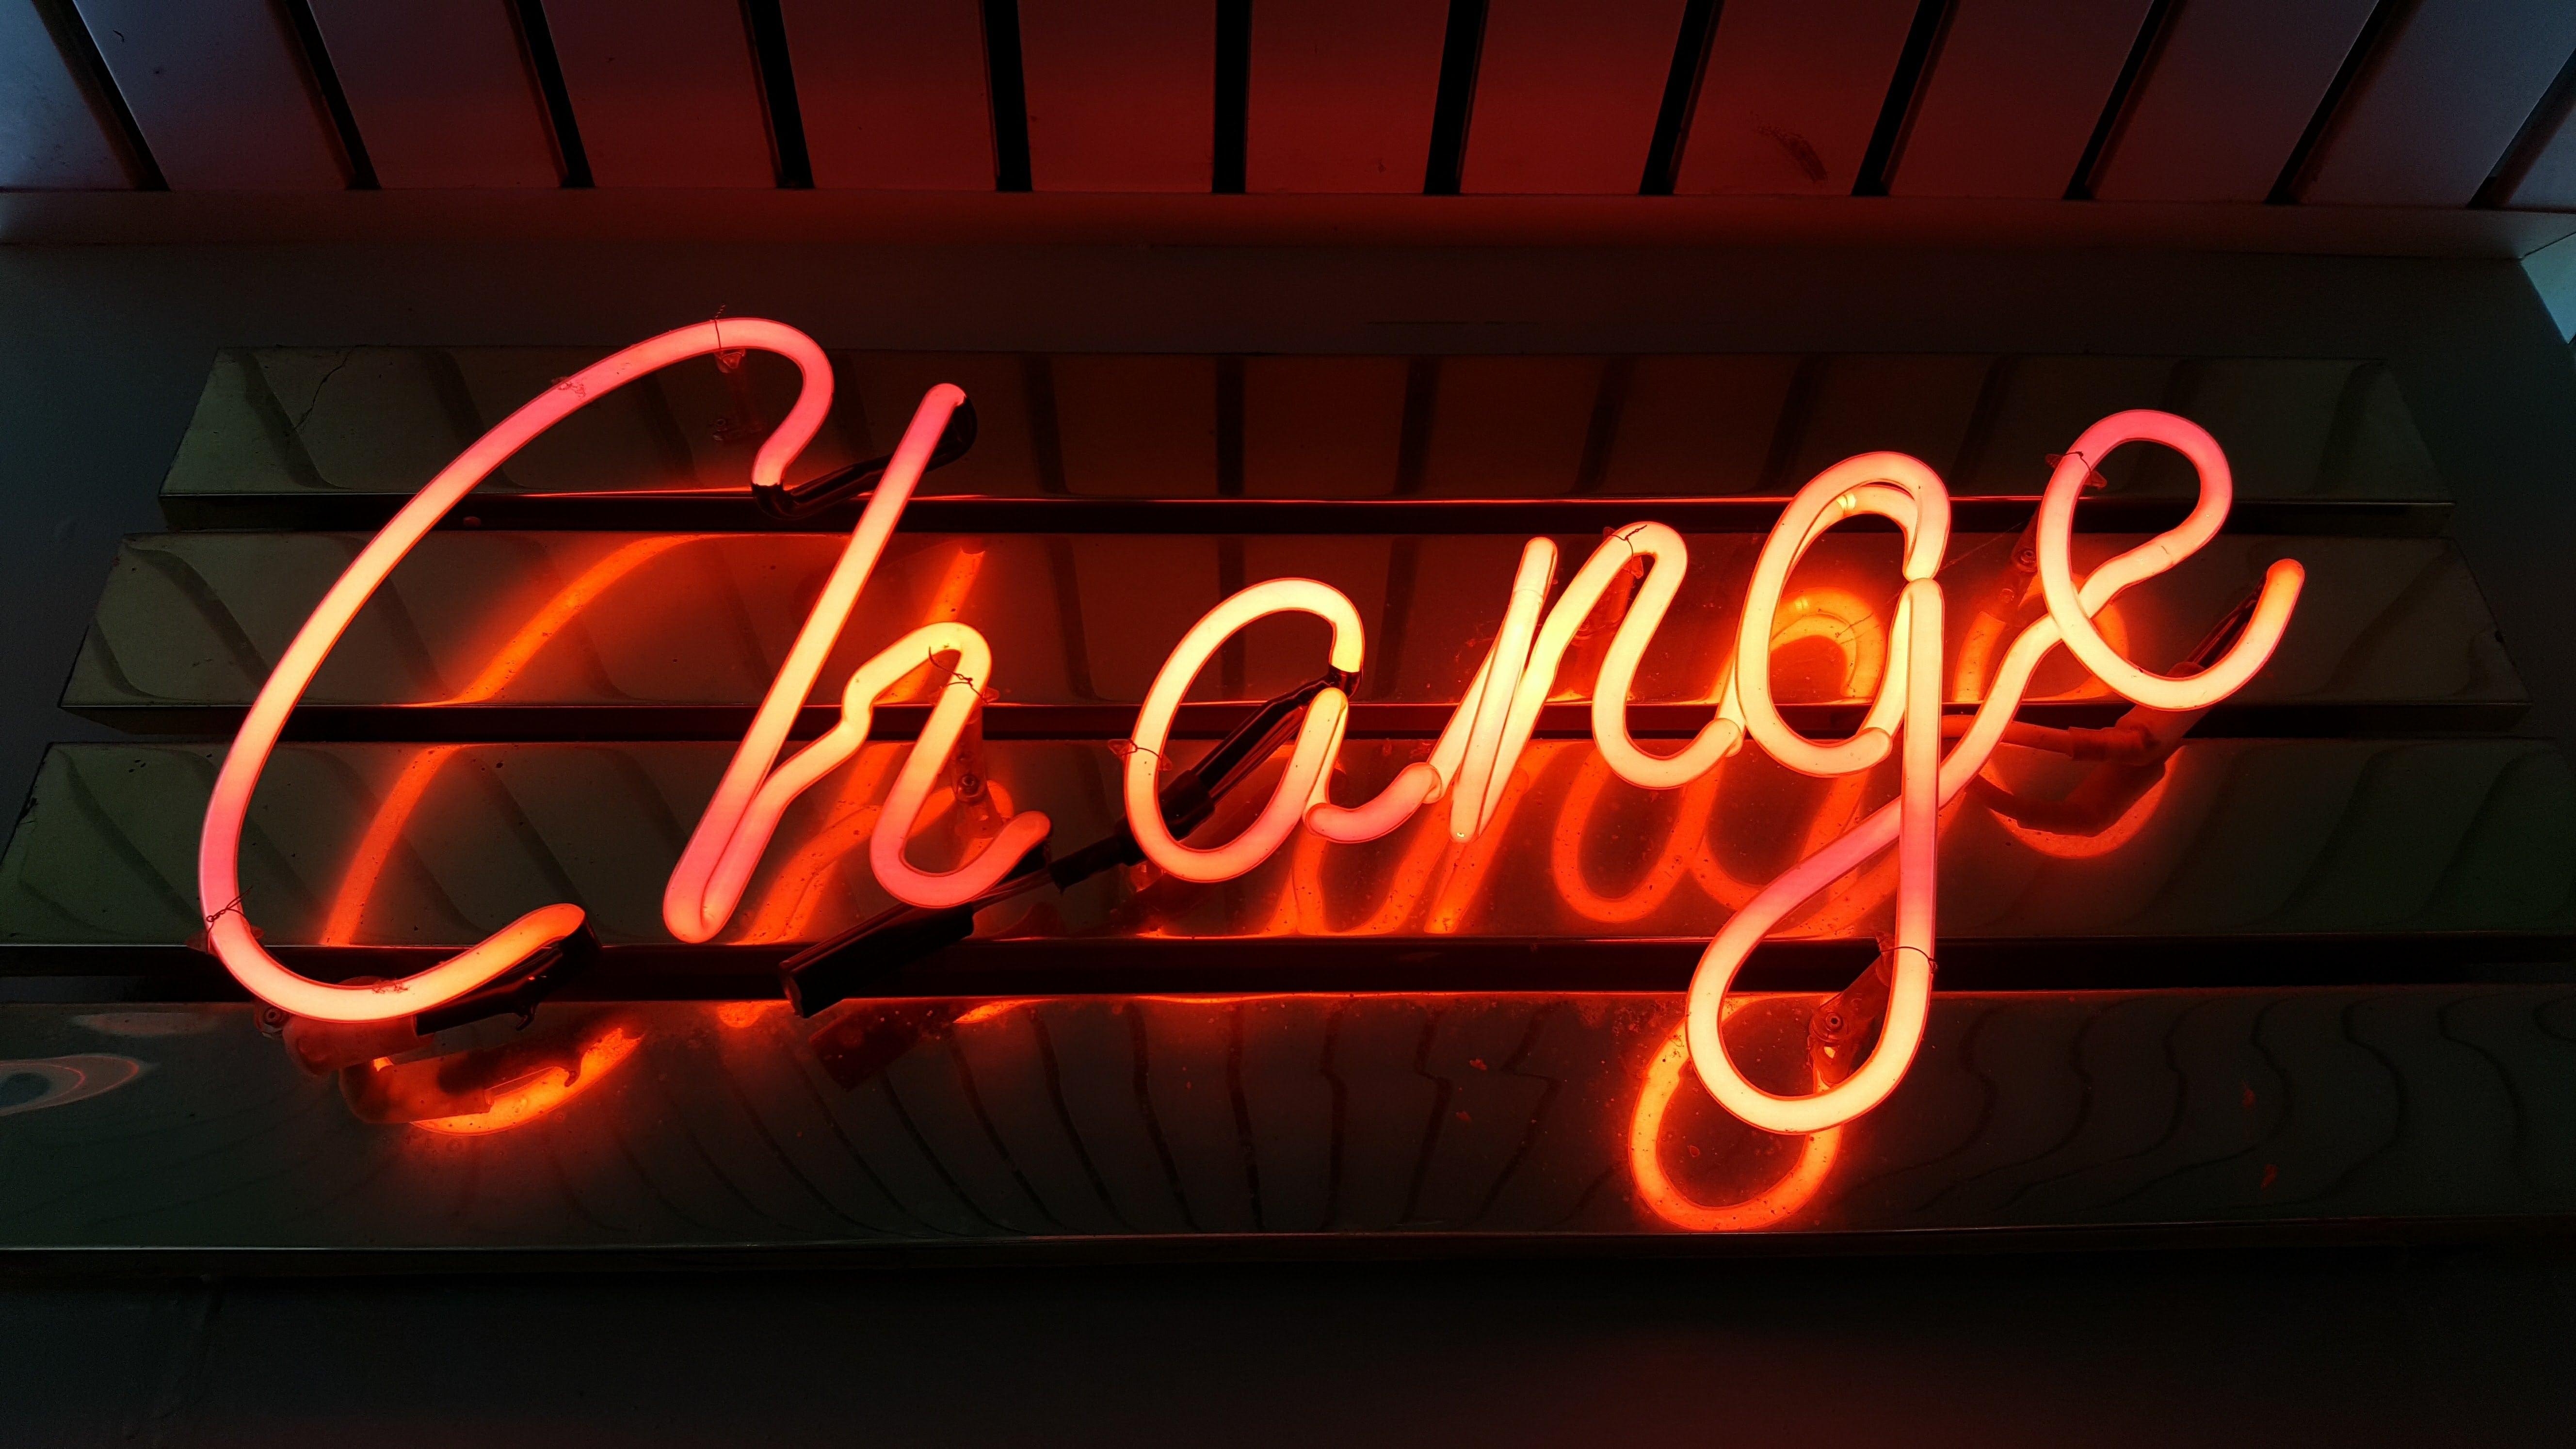 change blog name in lights